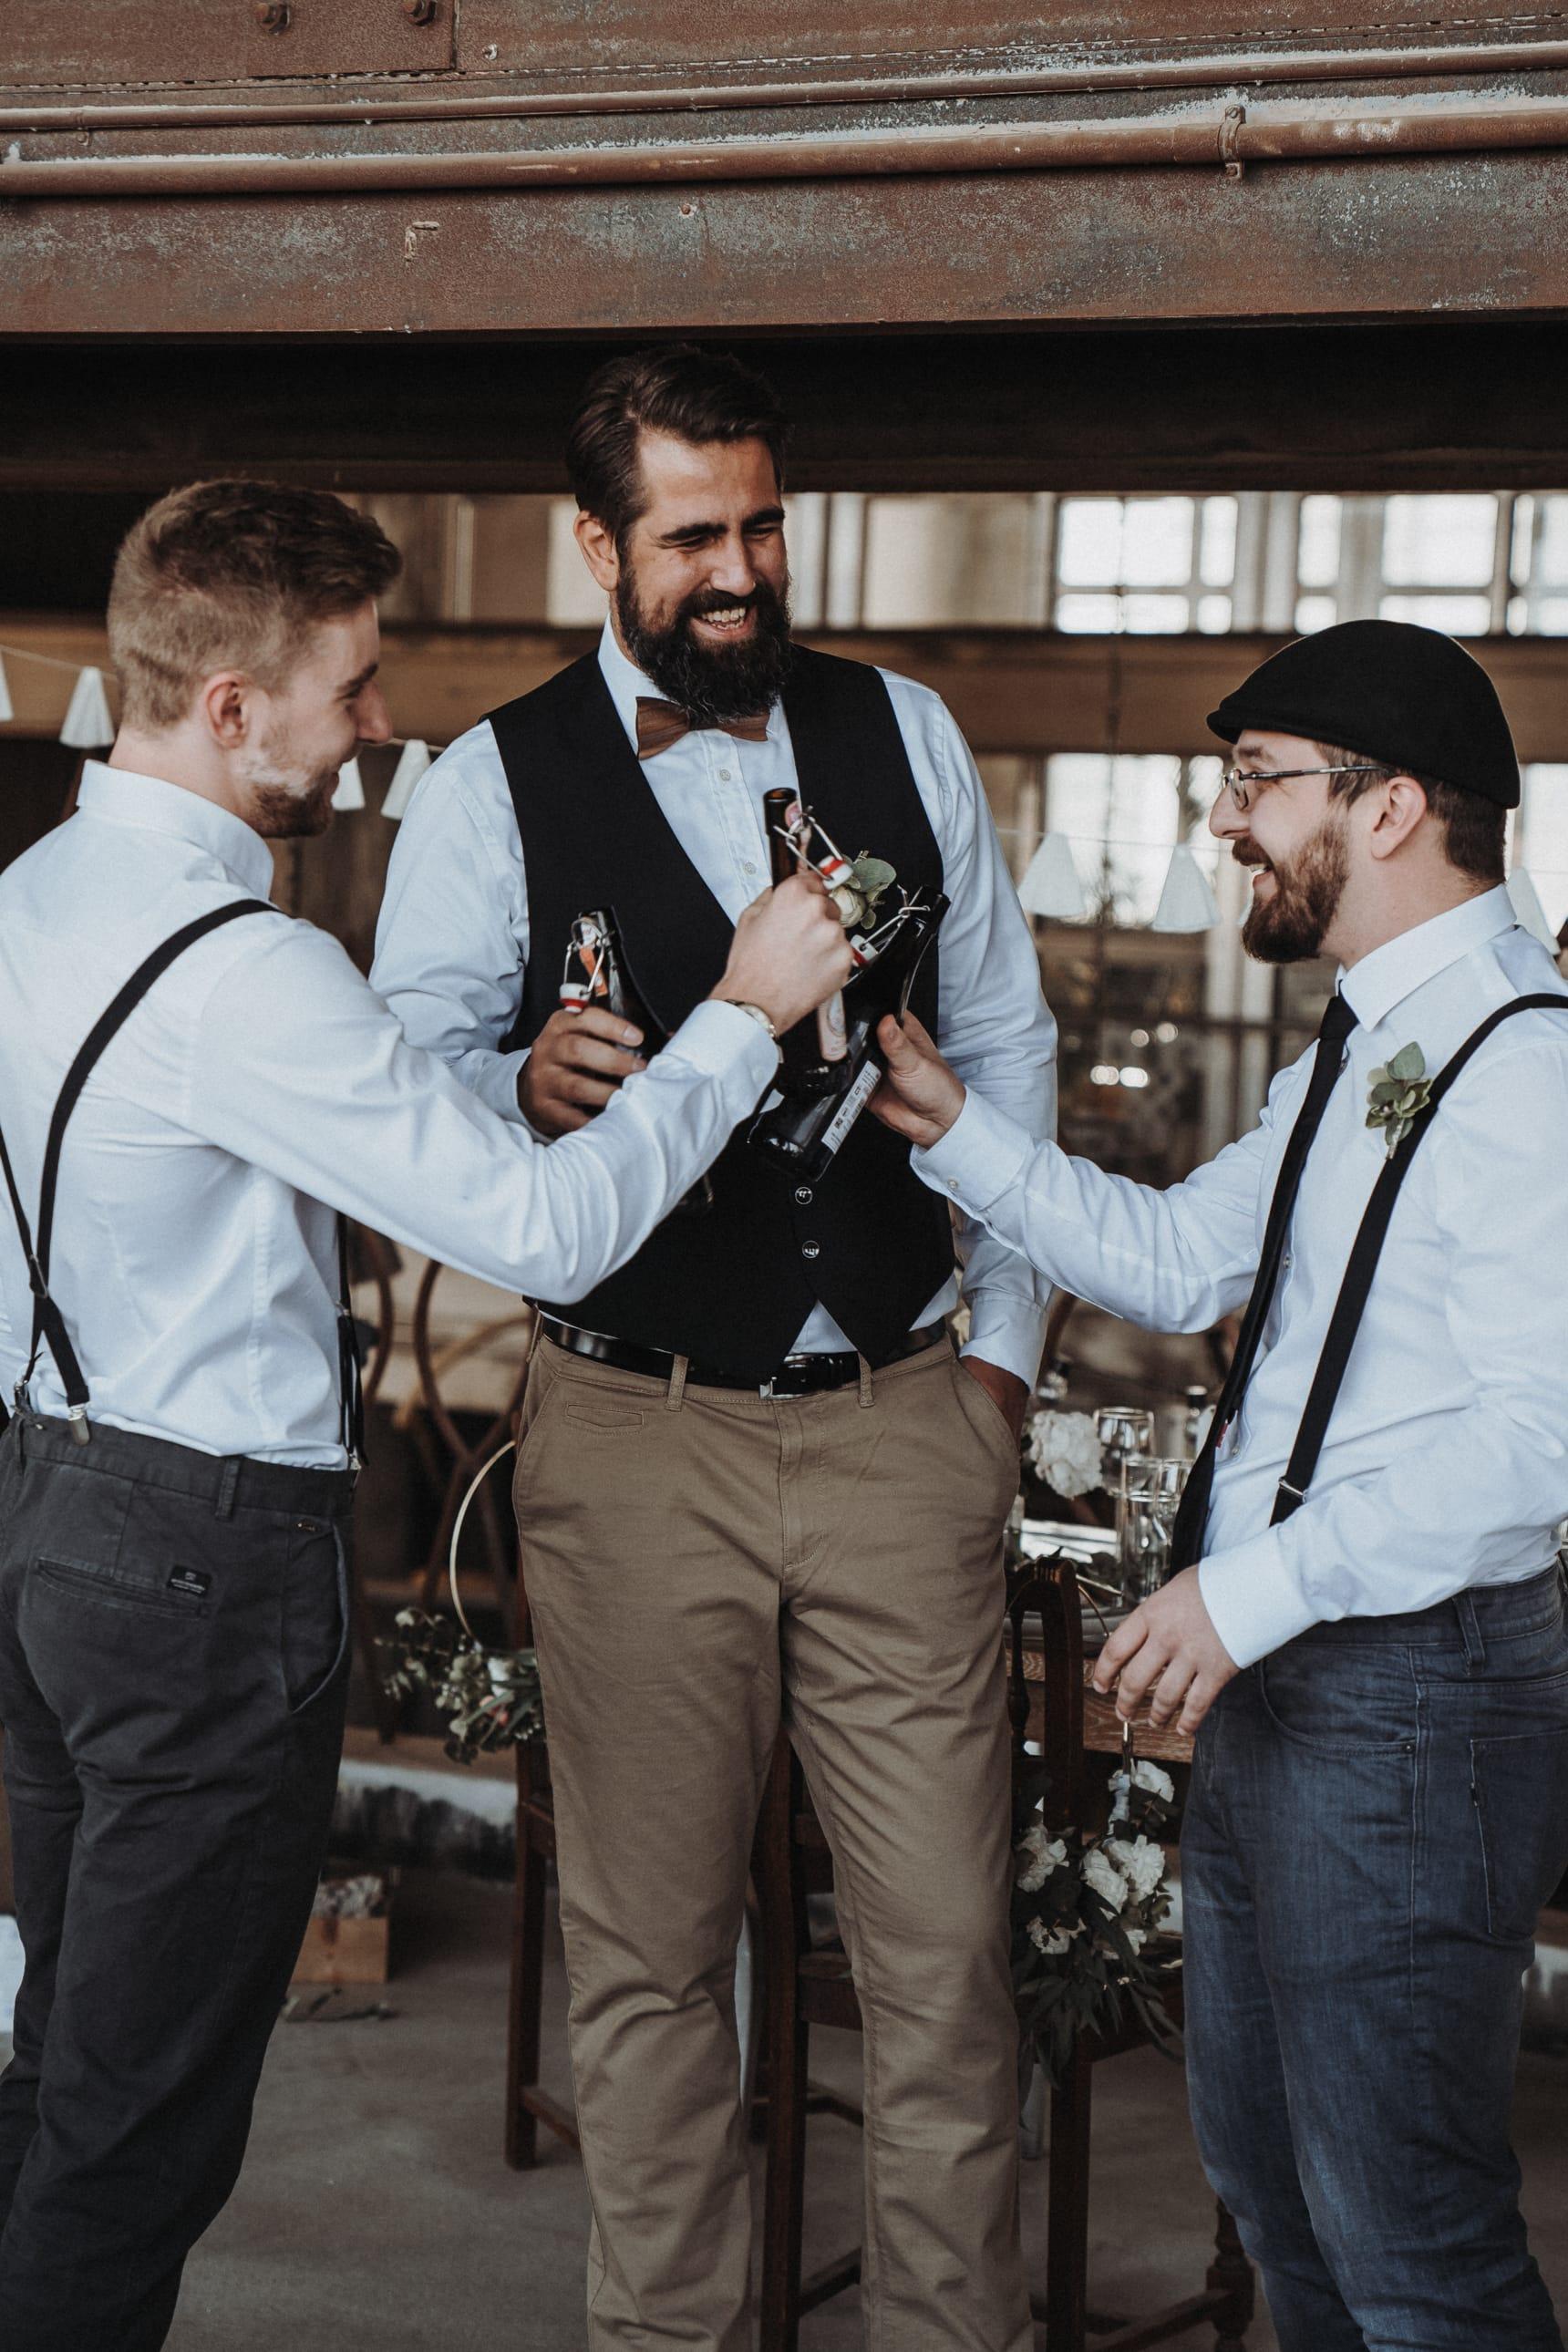 Braune_und_beige_Kleidung_Brautpaar_und_Hochzeit_02